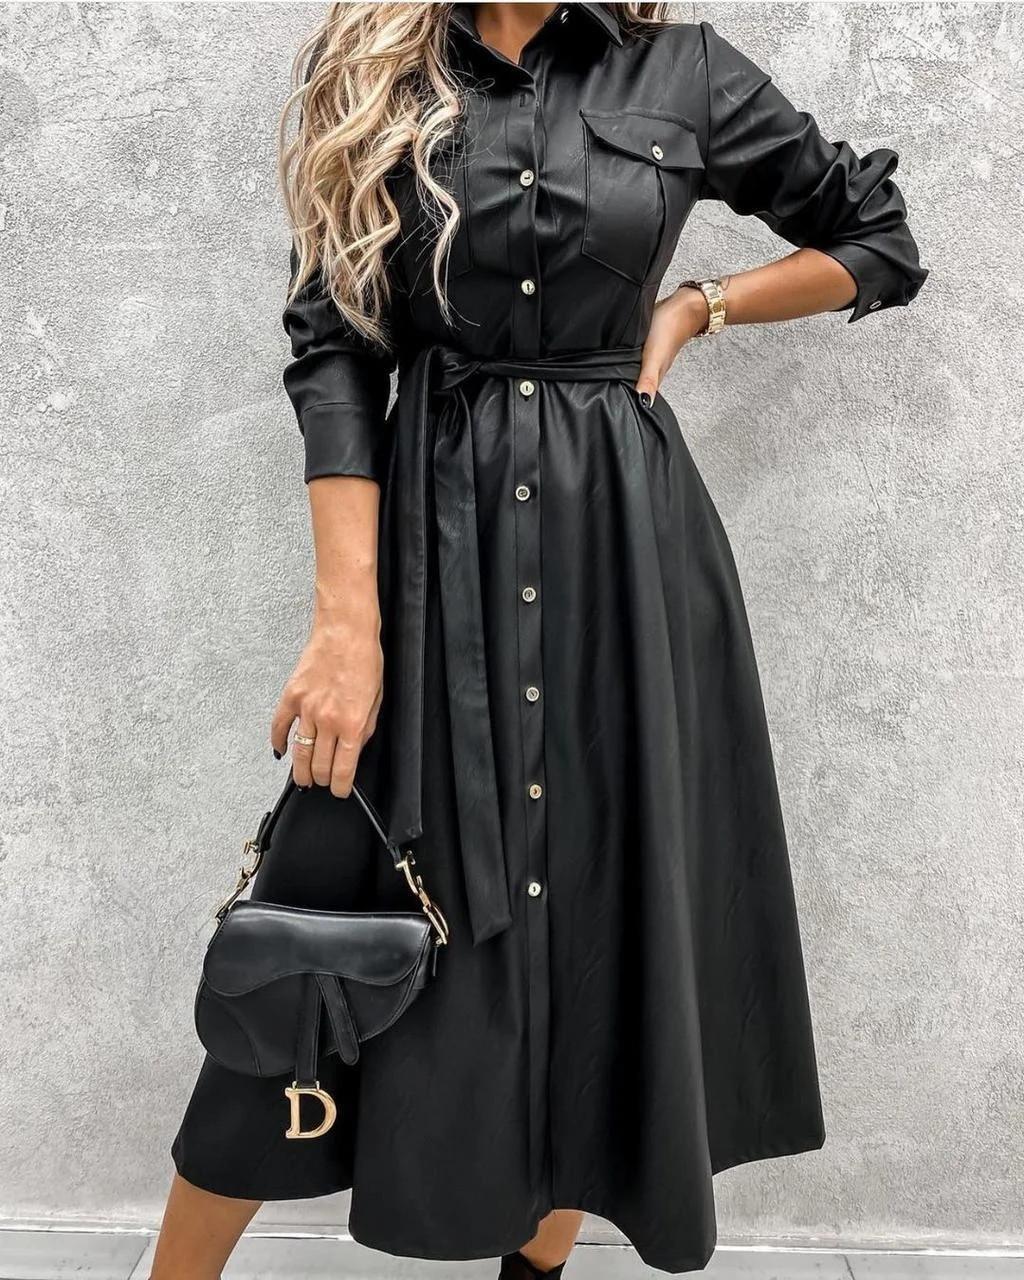 Трендова міді сукня з еко-шкіри